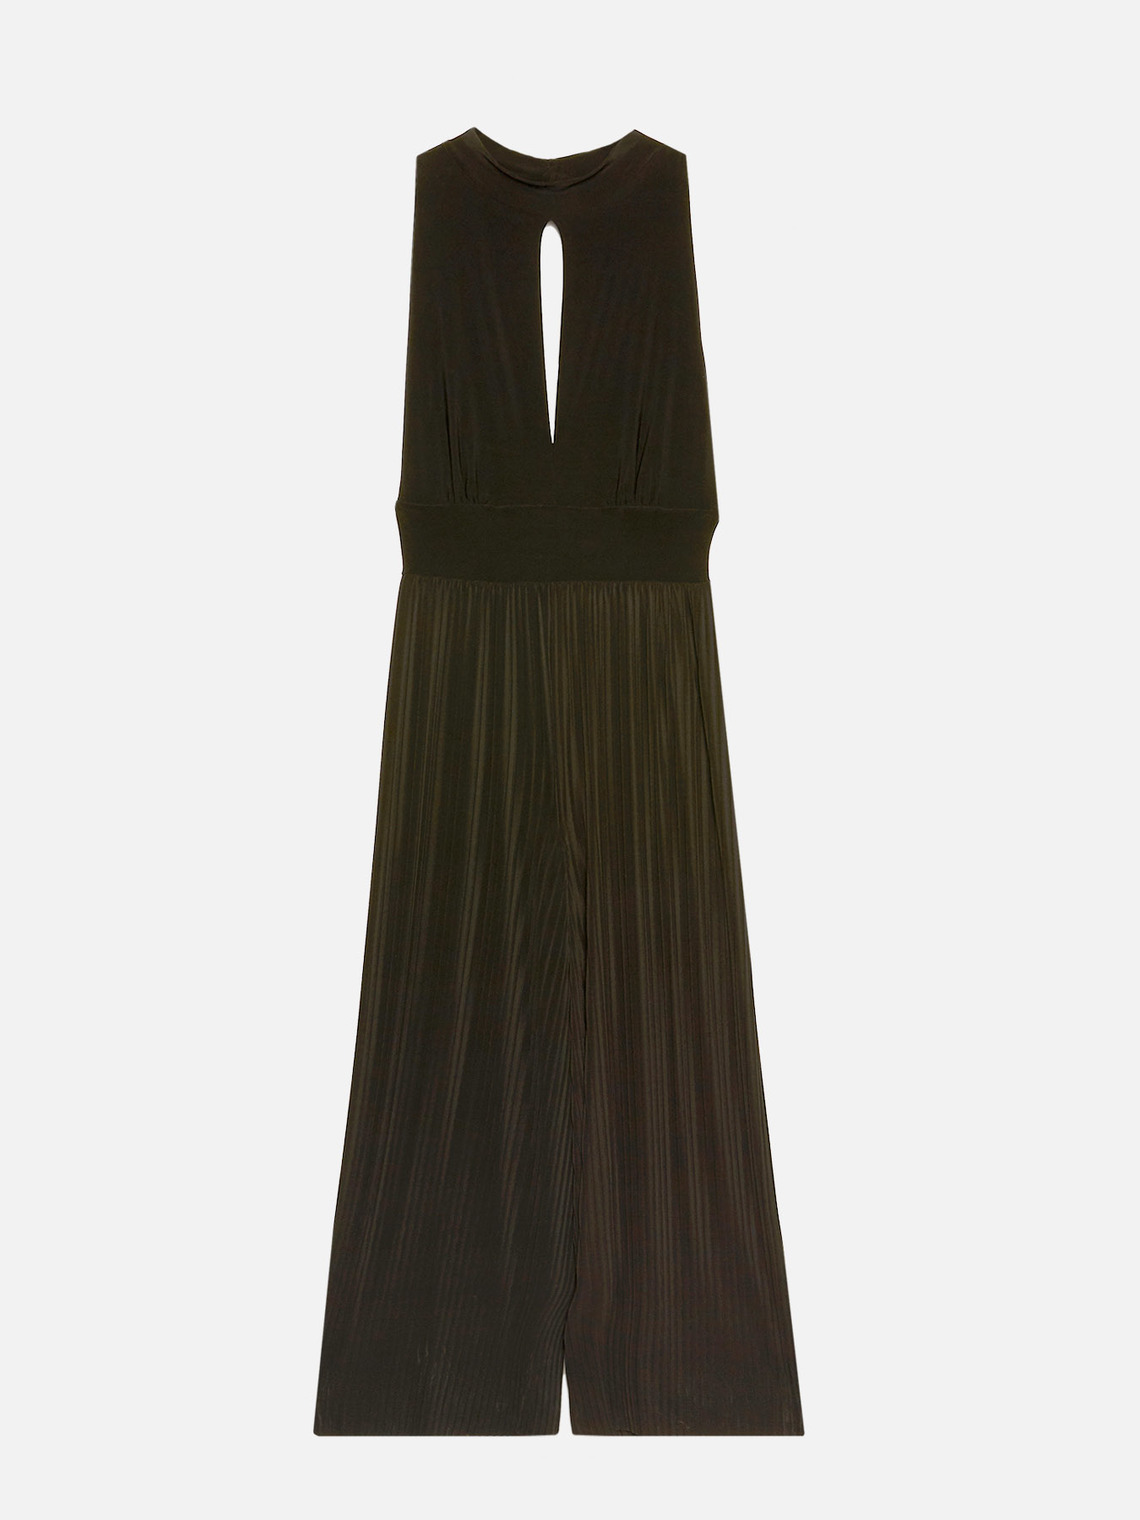 Цена - 4990 денари